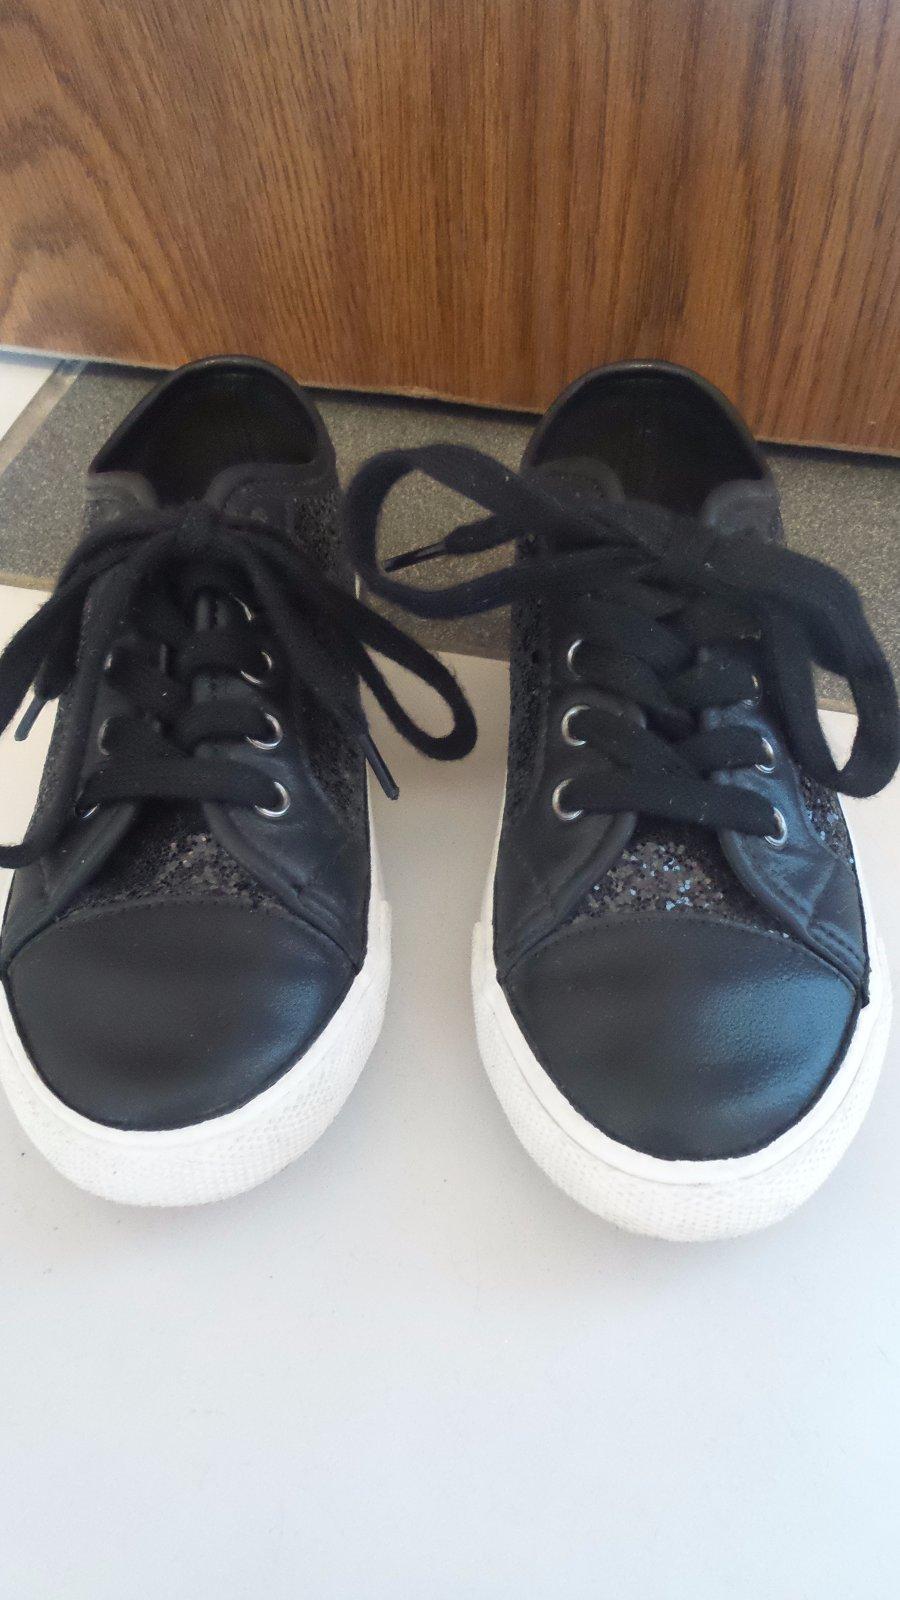 13a1190c50cbf Čierne tenisky s flitrami, f&f,31 - 8 € od predávajúcej nikush29 ...